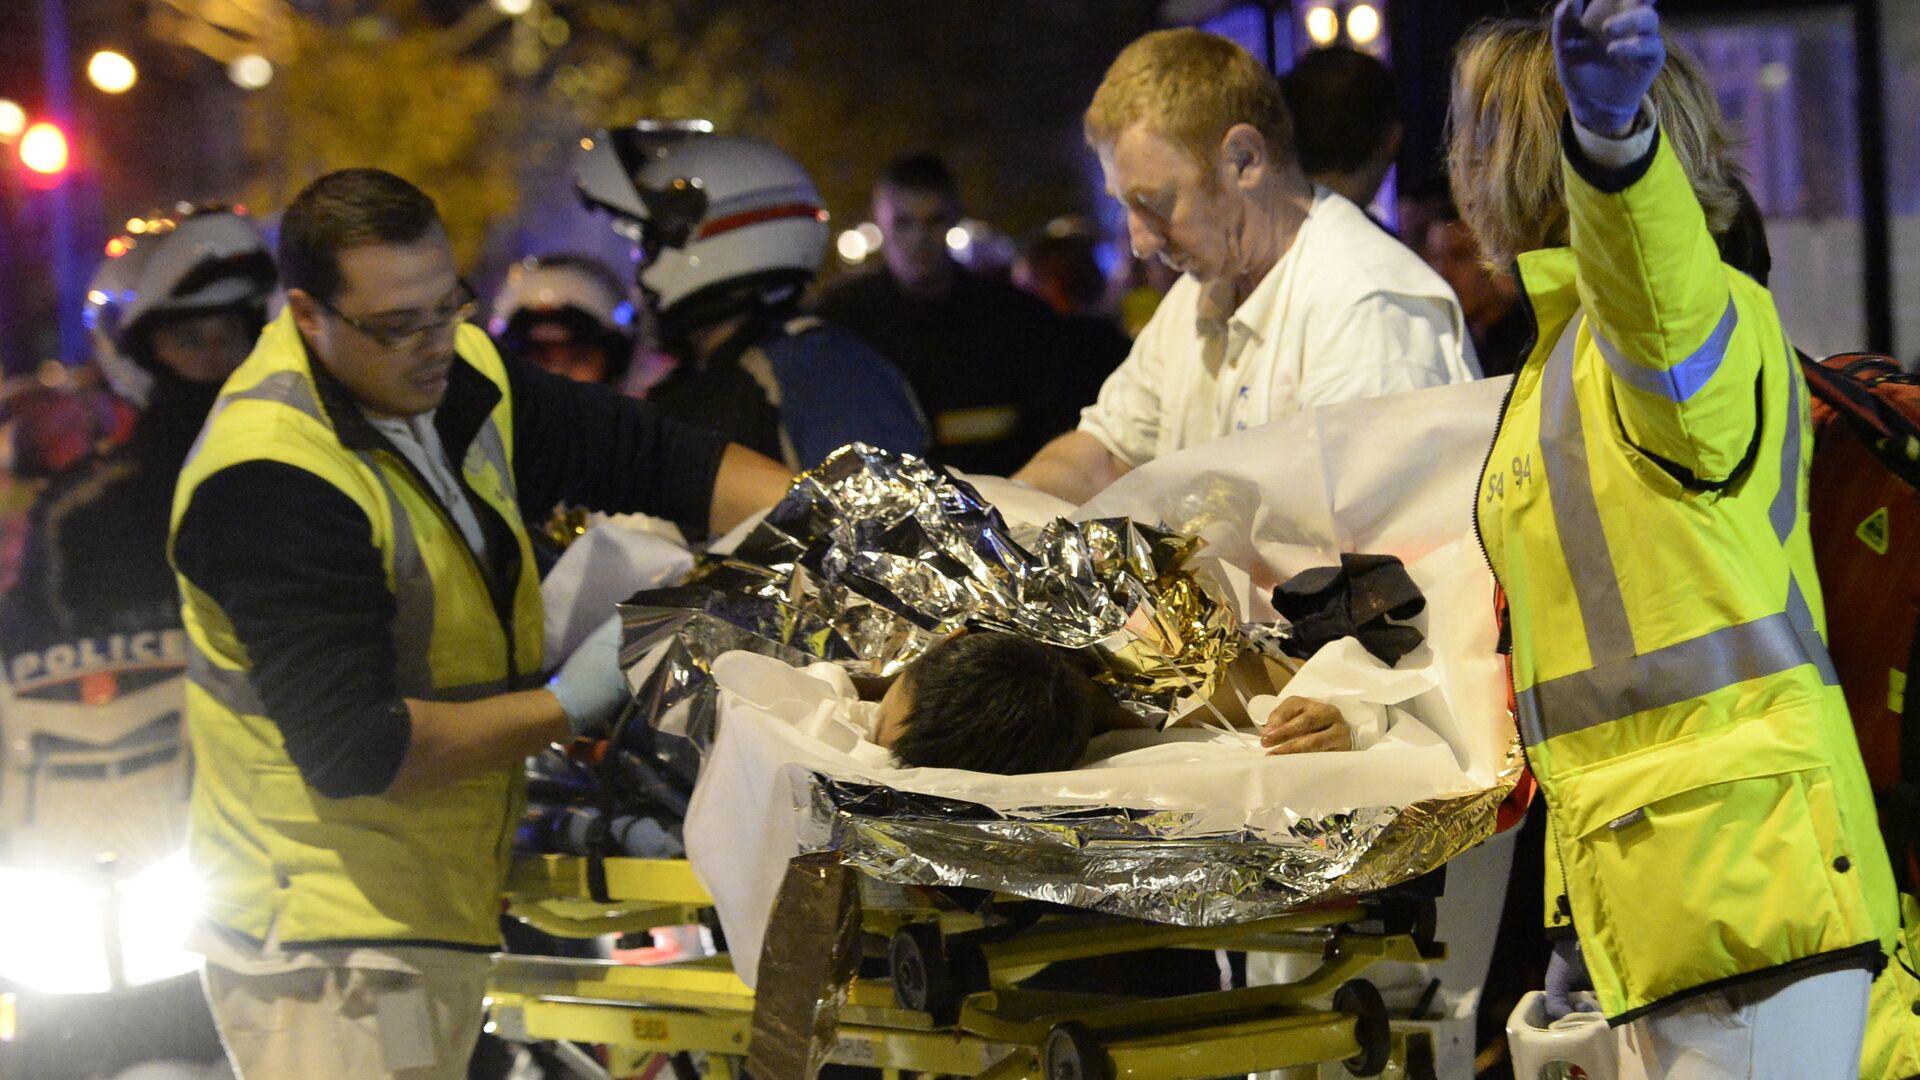 Spasioci spasavaju žrtve posle terorističkog napada u Parizu - Sputnik Srbija, 1920, 15.09.2021